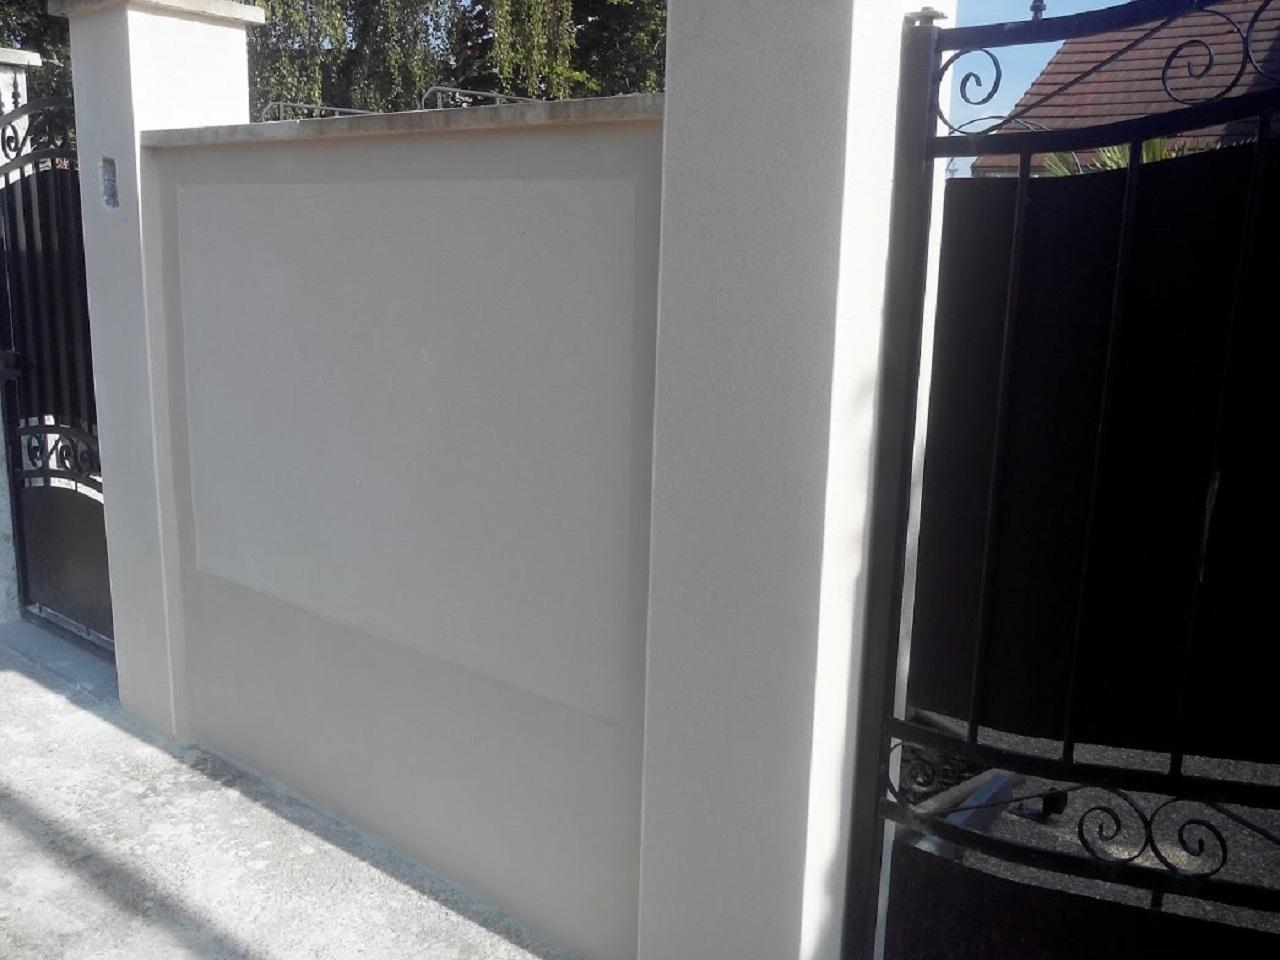 Habillage D Un Mur De Cloture coffrage d'escalier béton bâtiment avant rénovation coffrage